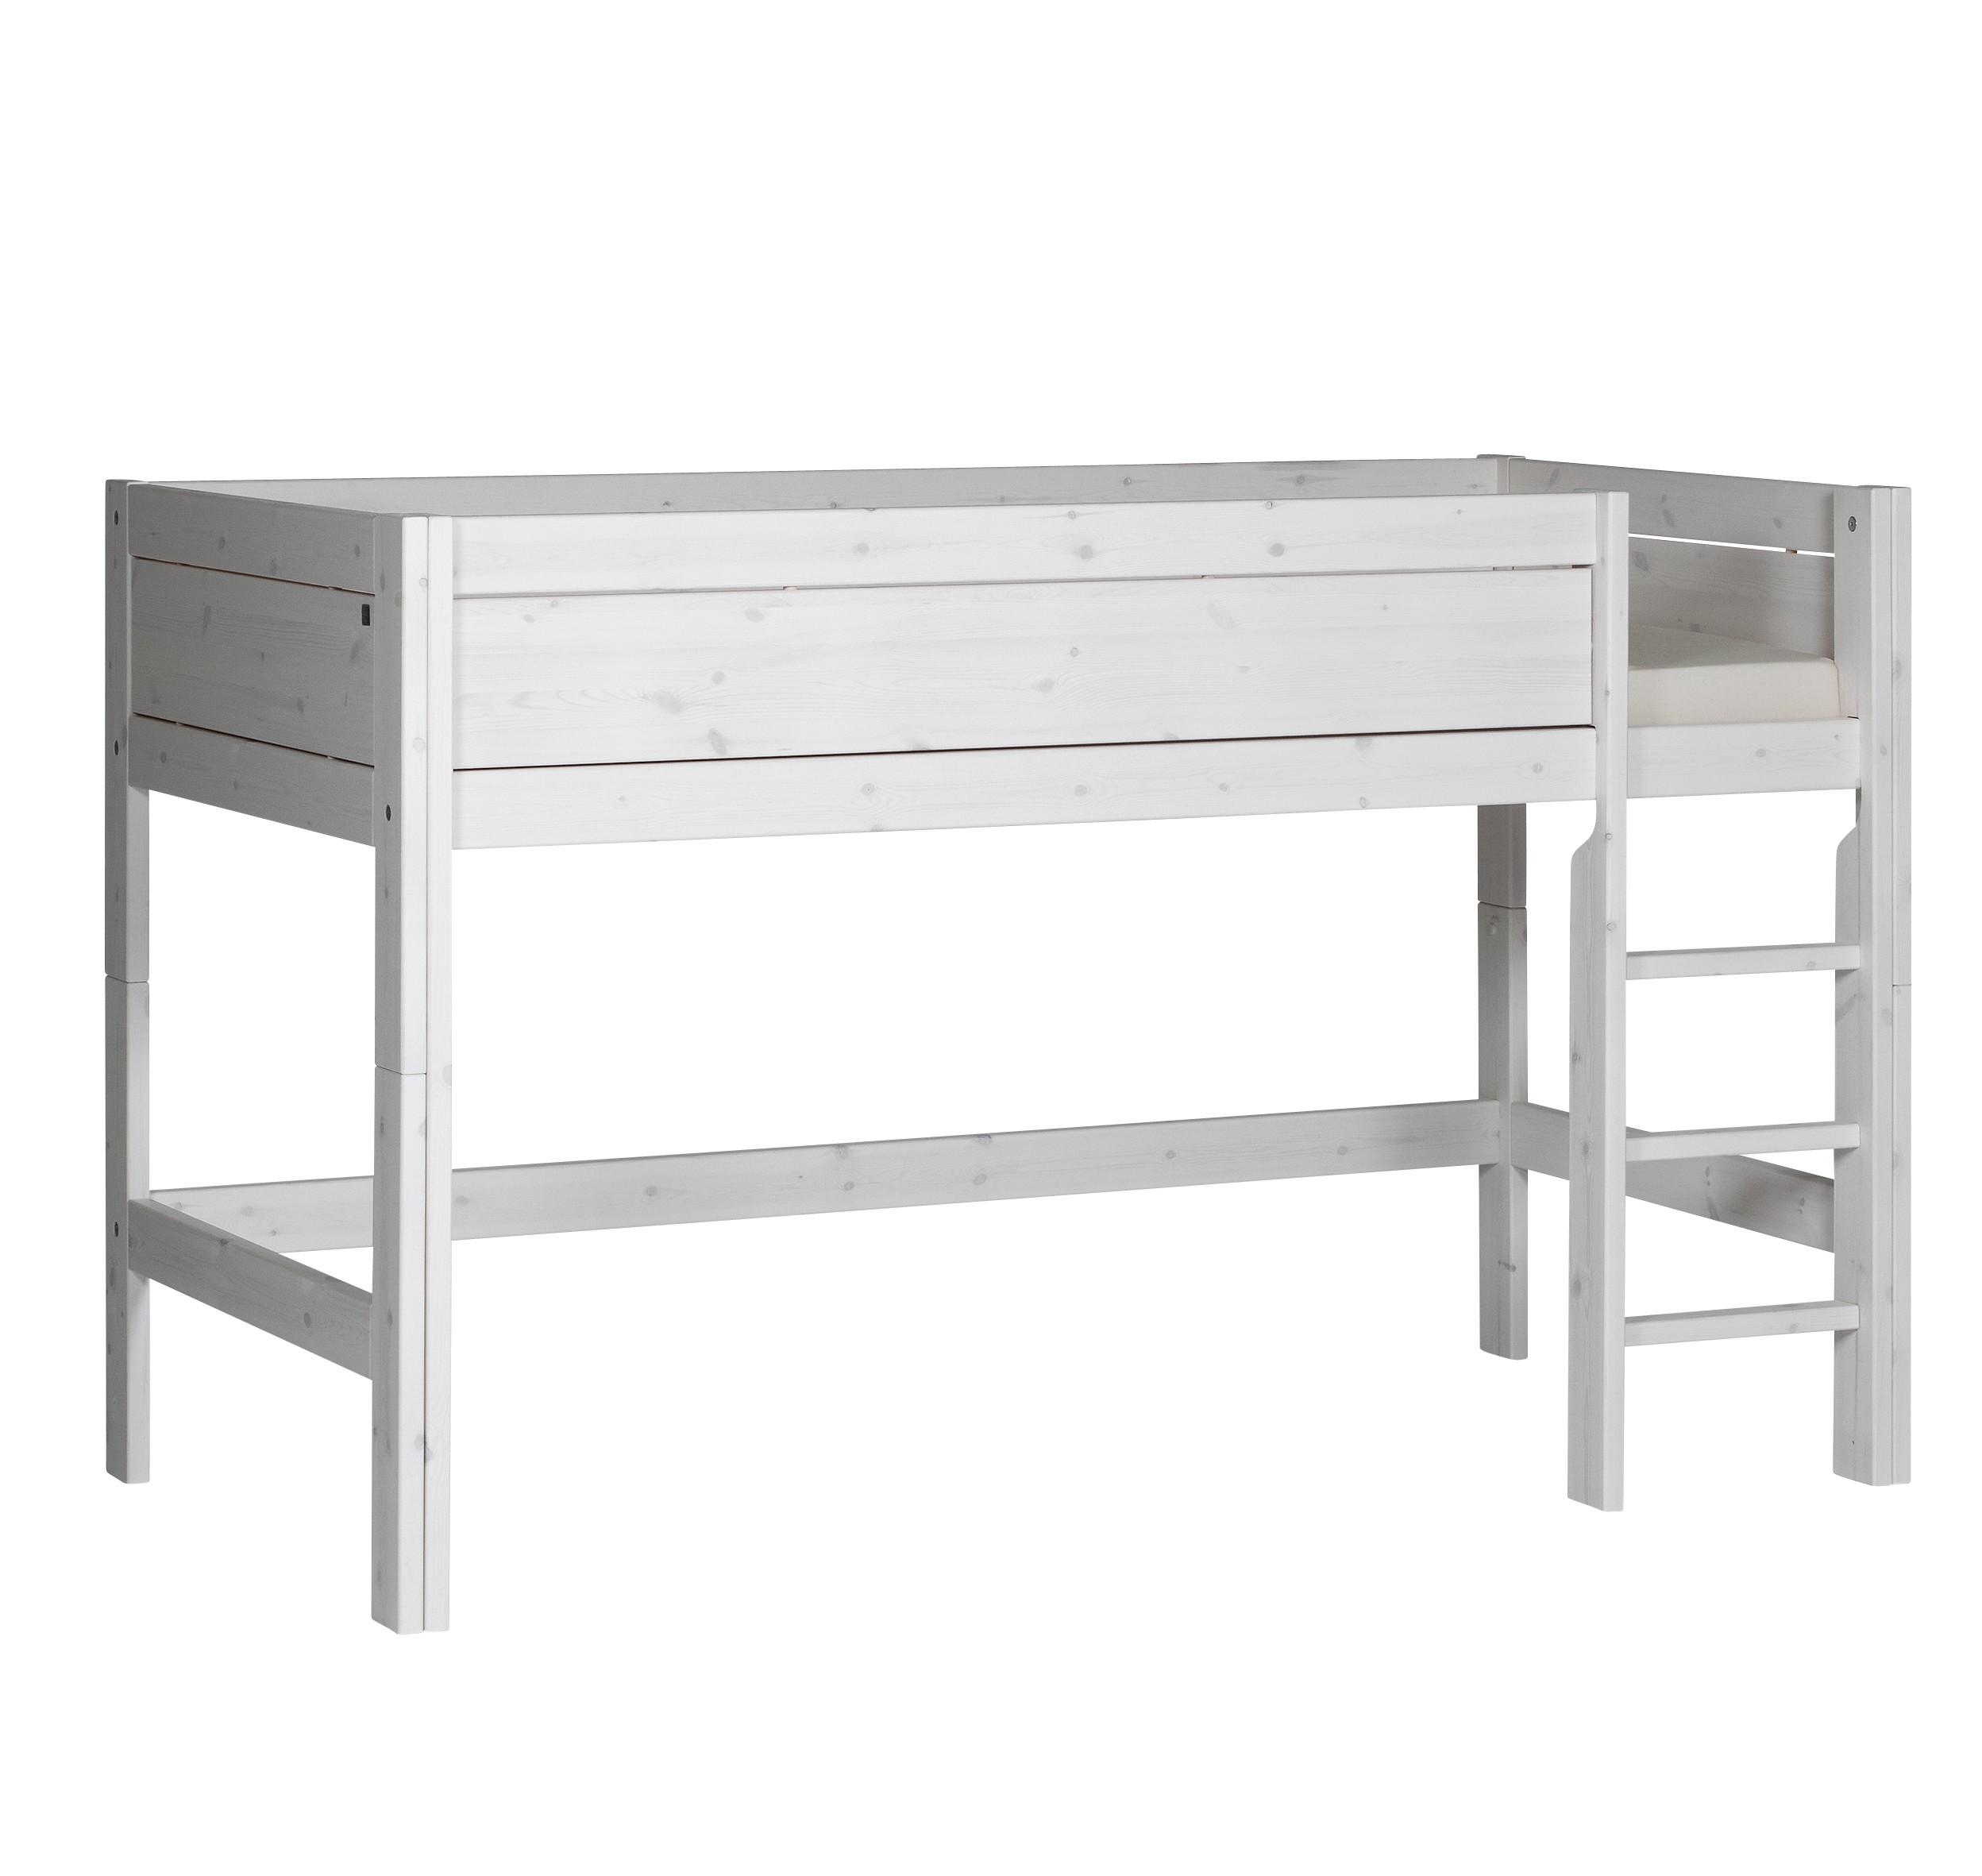 bett massivholz weis lasiert das beste aus wohndesign und m bel inspiration. Black Bedroom Furniture Sets. Home Design Ideas